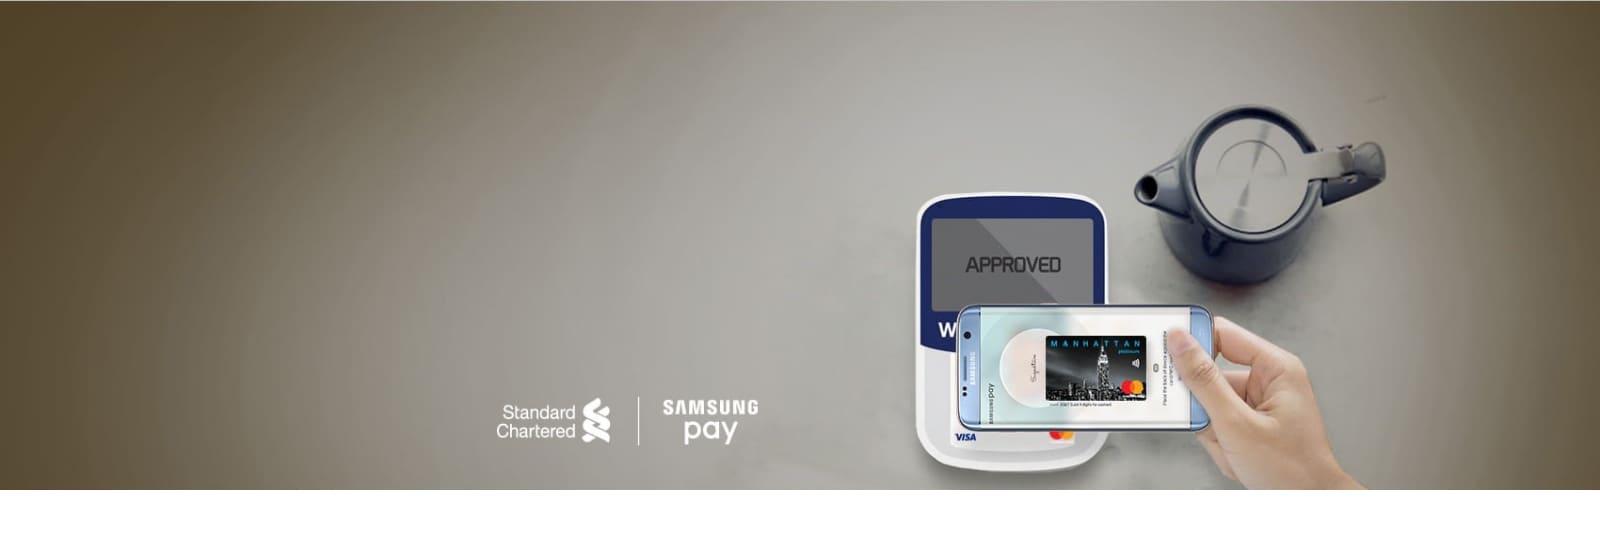 Hk samsung pay banner v